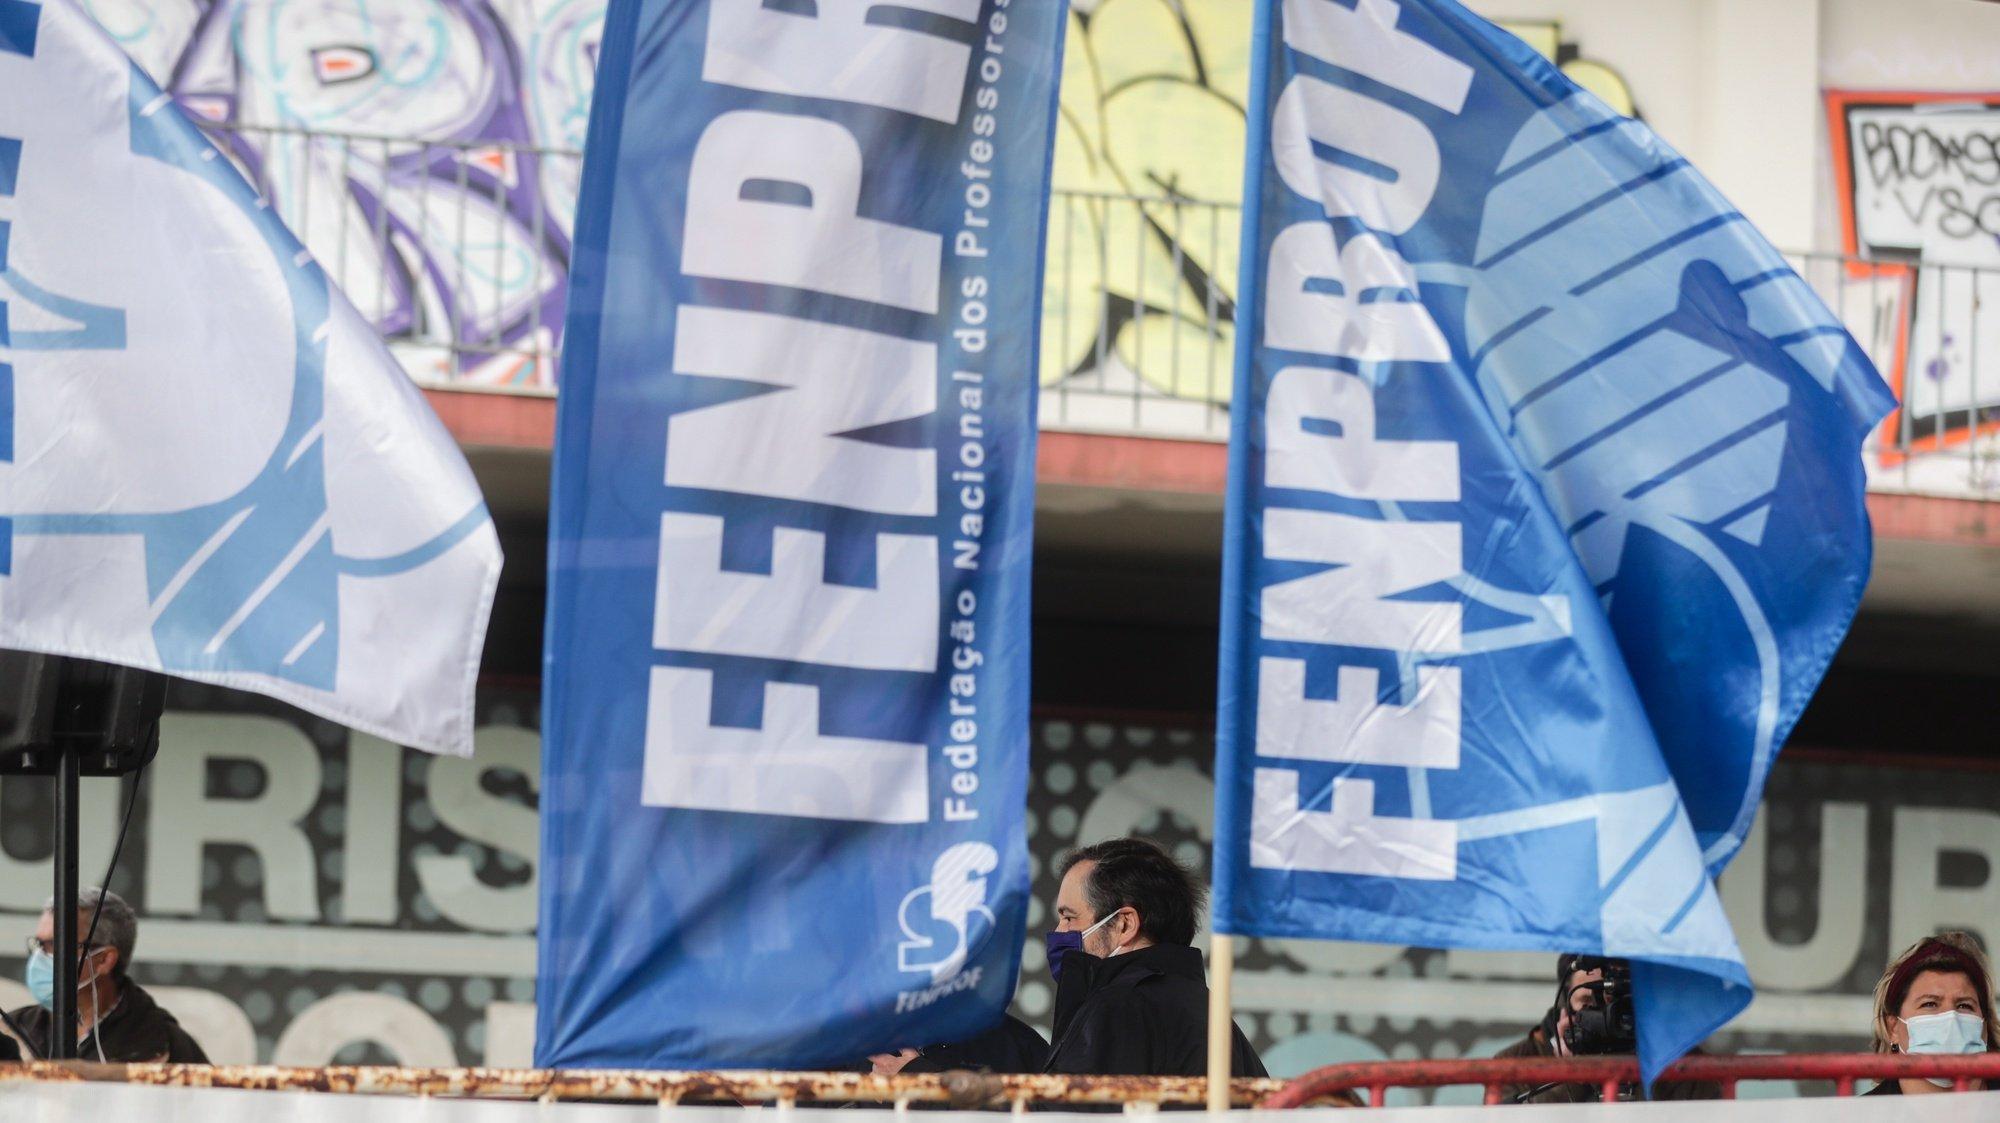 O secretário-geral da Fenprof, Mário Nogueira (C), durante a concentração para entrega de um abaixo-assinado e proposta negocial no Ministério da Educação, contra as vagas que impedem docentes de progredir na carreira, em Lisboa, 23 de fevereiro de 2021. TIAGO PETINGA/LUSA